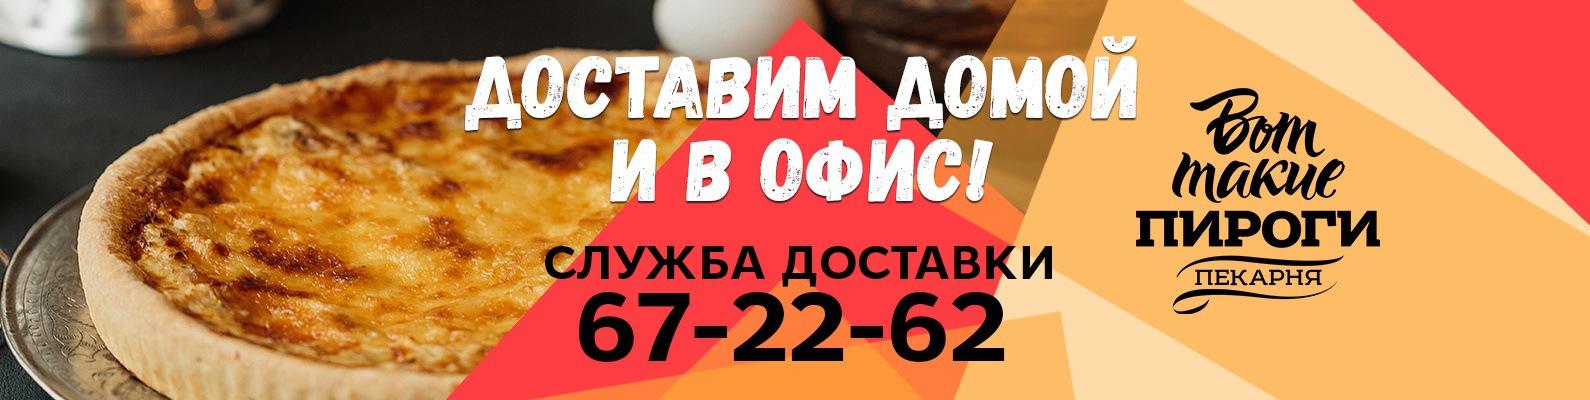 отзовы о пекарне вот такие пироги новосибирск подробной карты